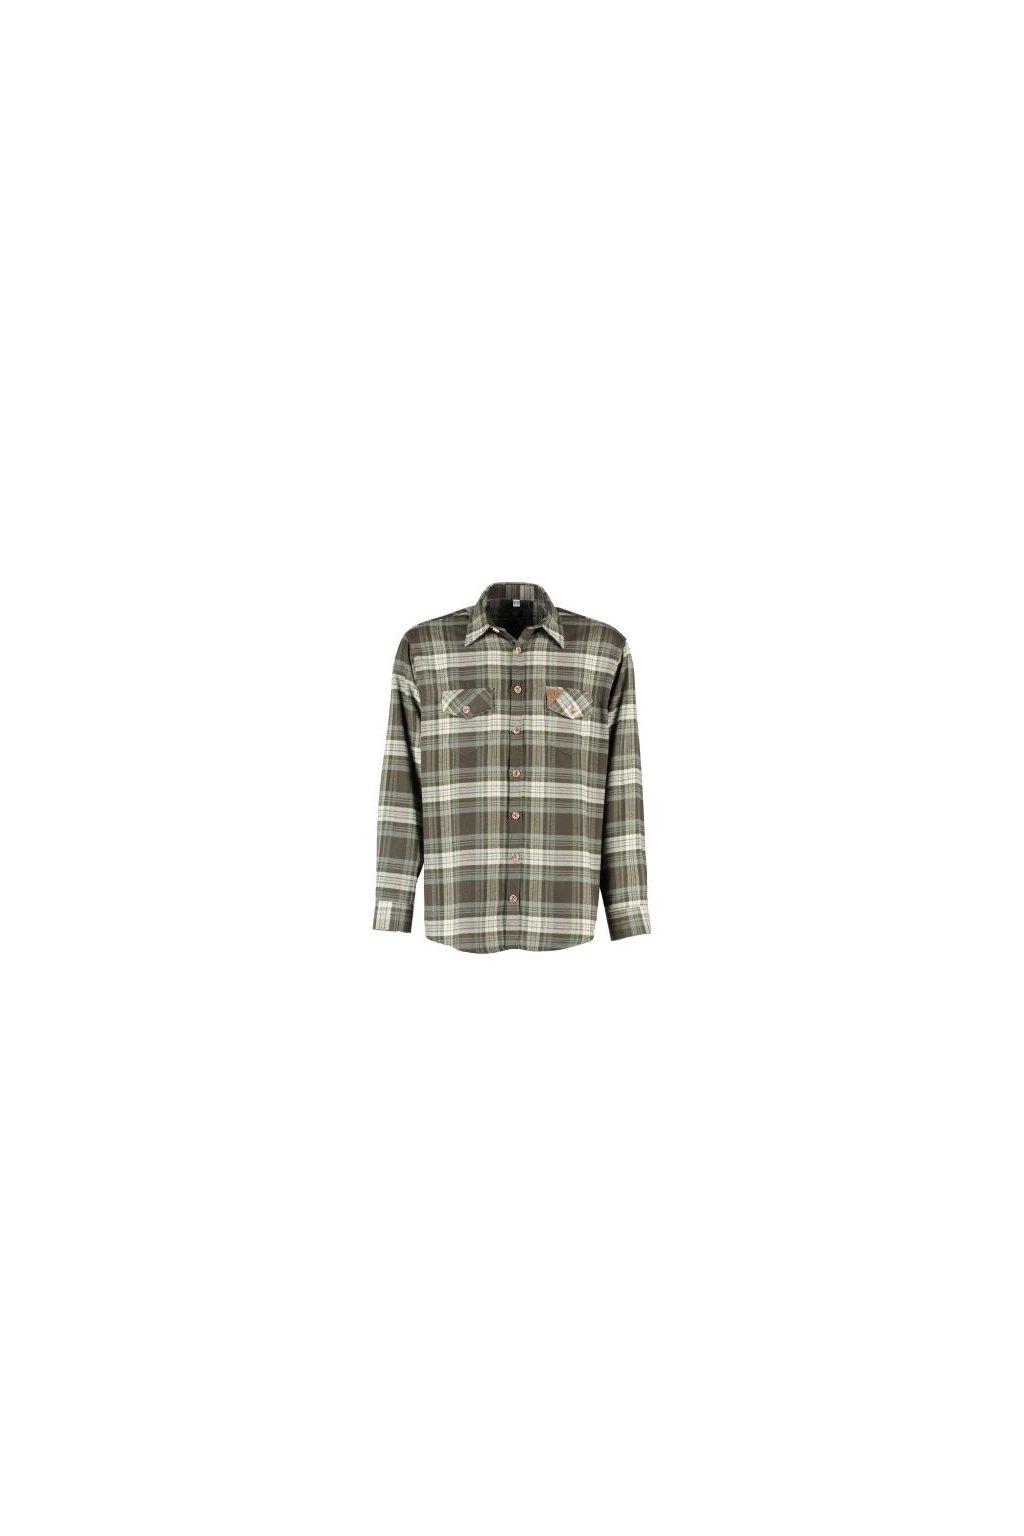 Orbis - flanelová košile zelená (3278)